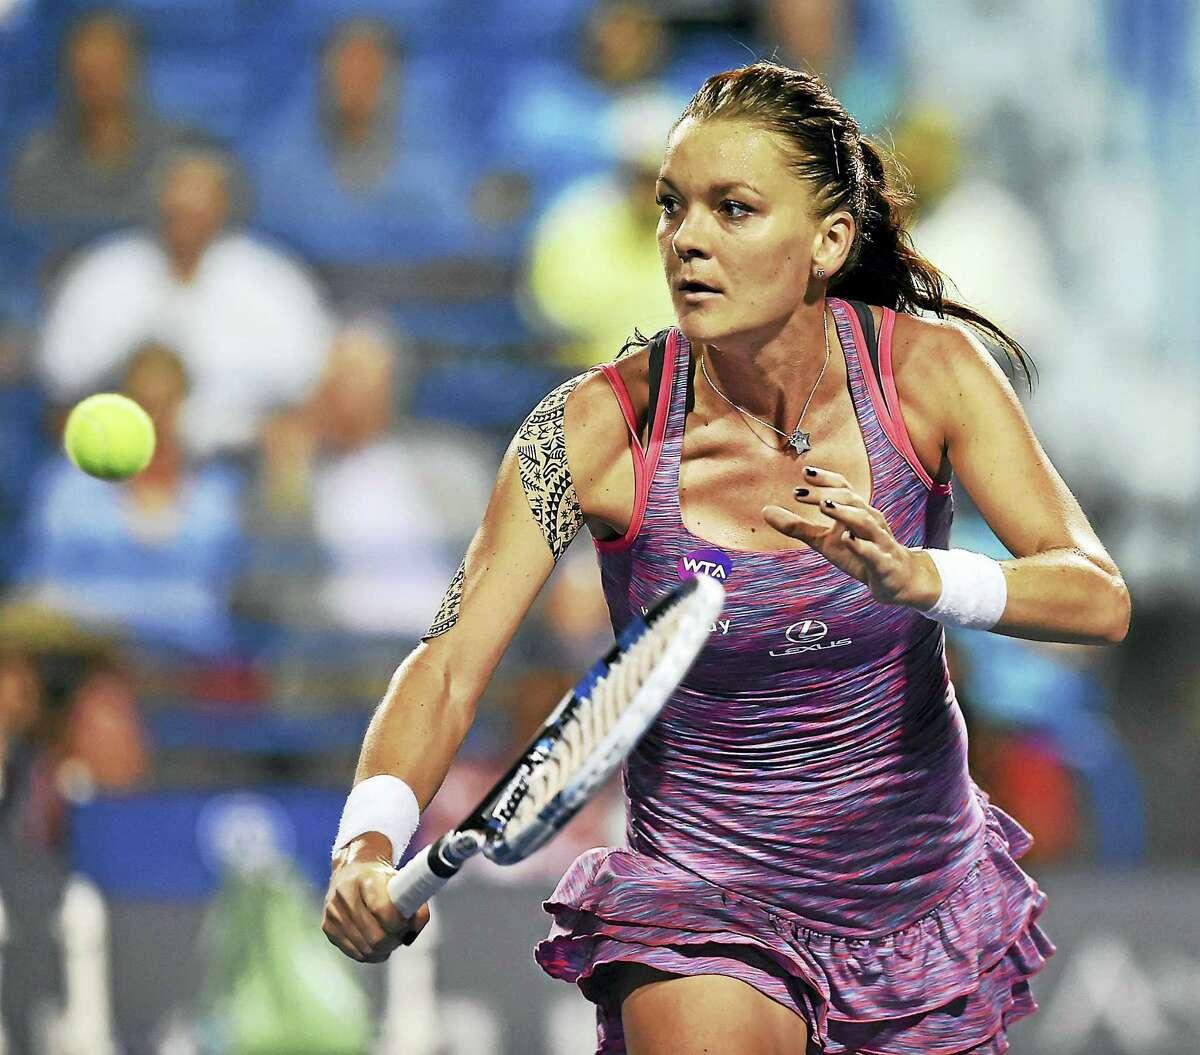 Agnieszka Radwanska defeated Belgium's Kristen Flipkens in a quarterfinal match on Thursday.